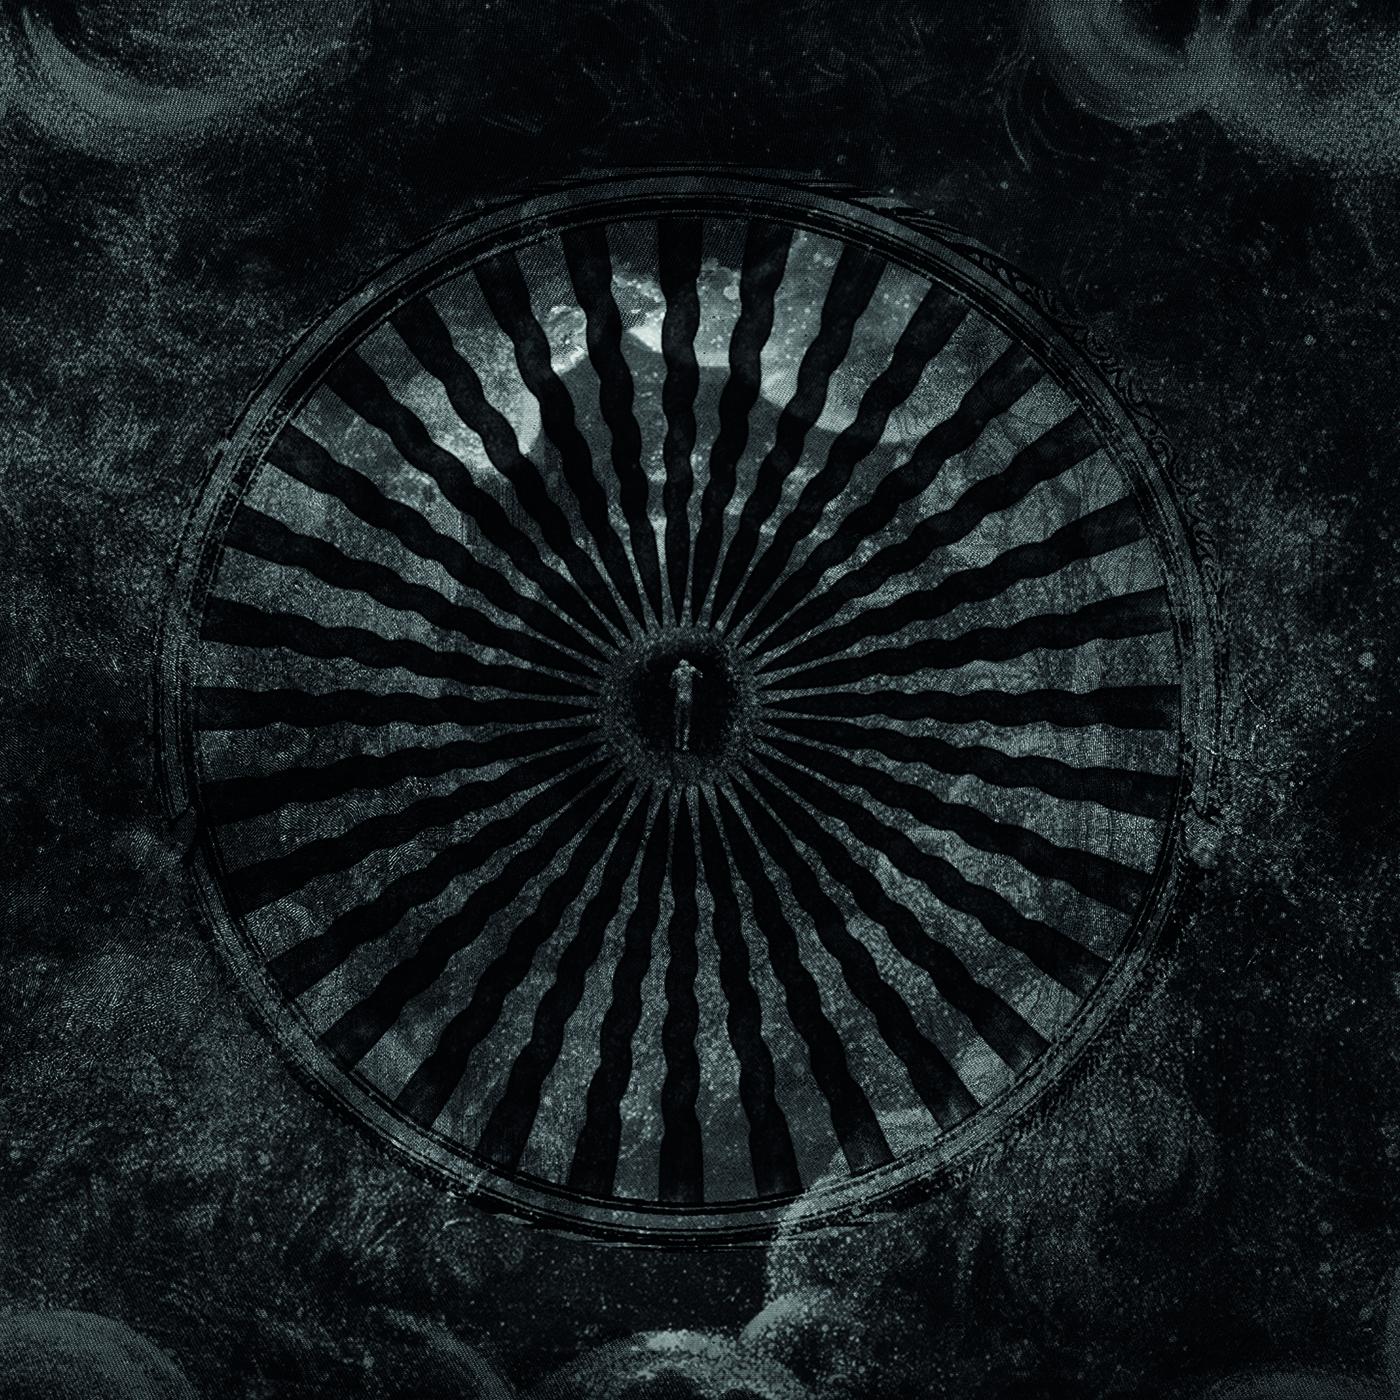 Tehom - The Merciless Light